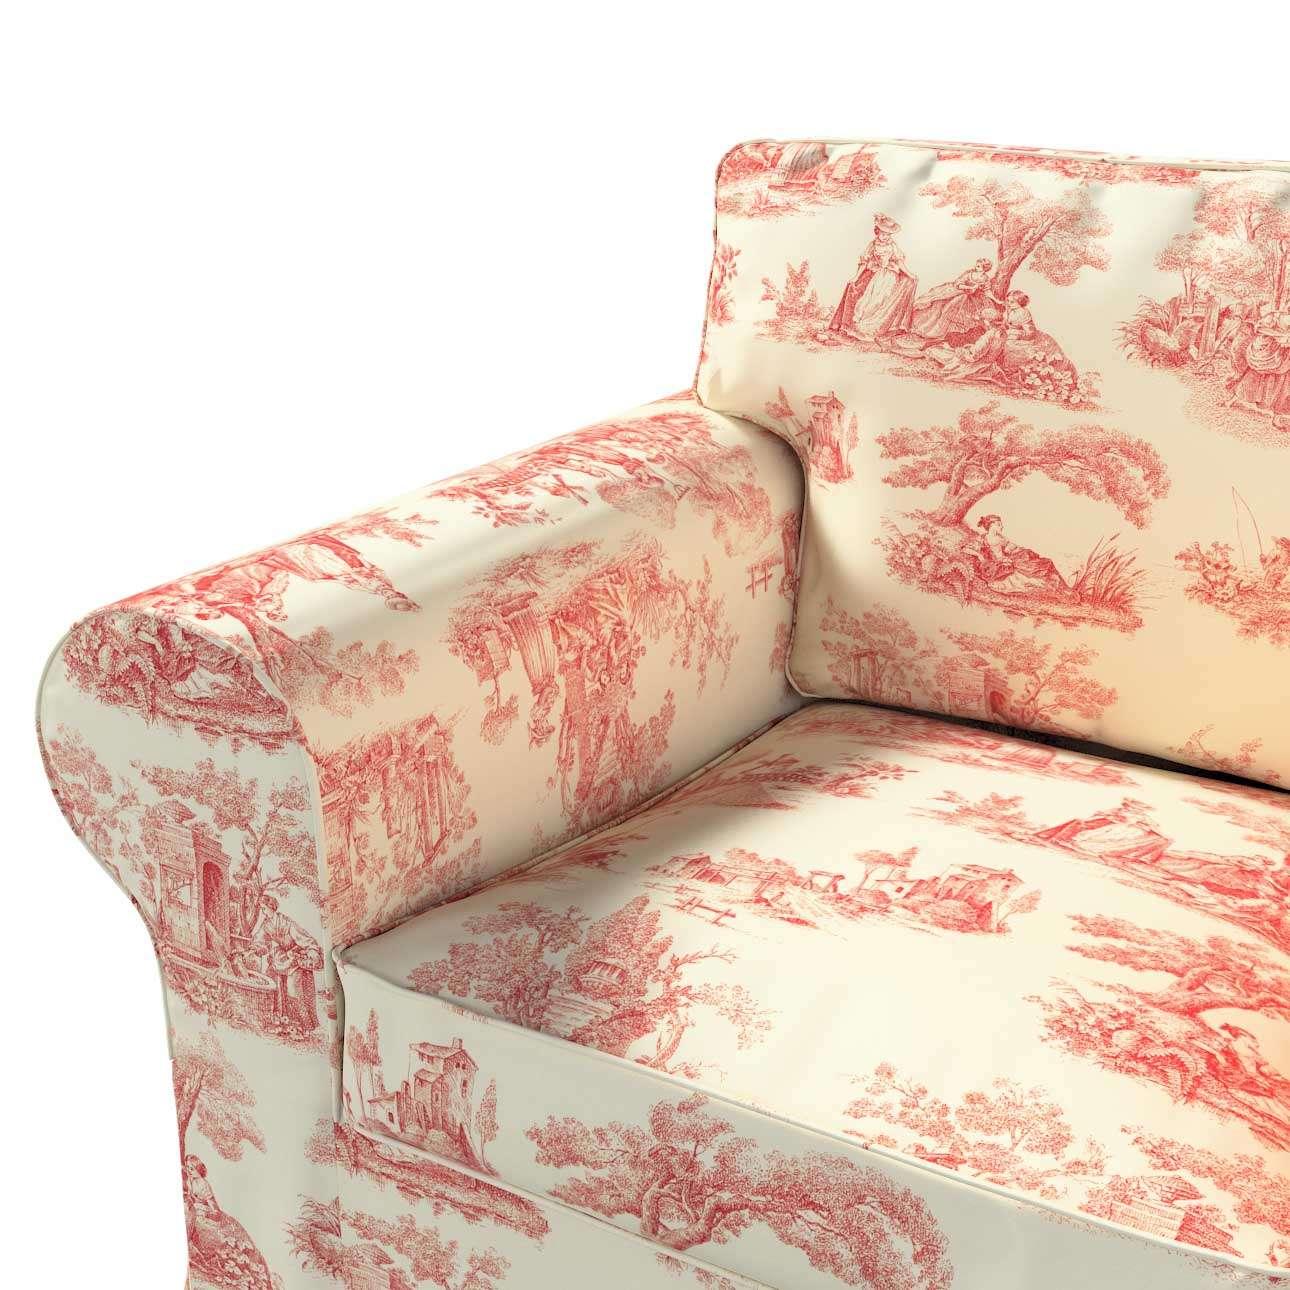 EKTORP fotelio užvalkalas Ektorp fotelio užvalkalas kolekcijoje Avinon, audinys: 132-15